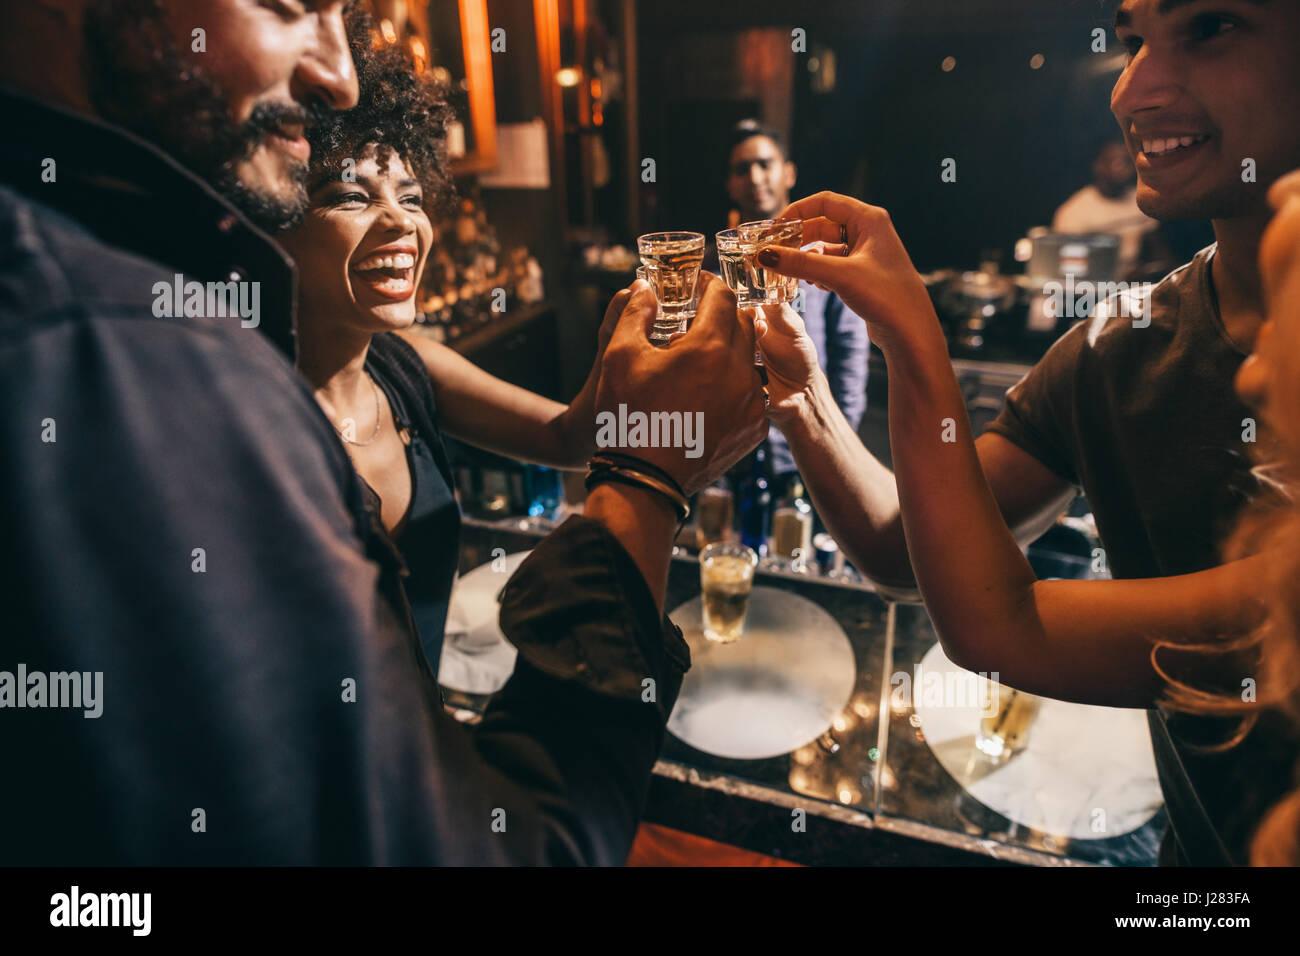 Gli amici la tostatura a vicenda con colpi di vodka come essi godere di una rilassante notte fuori insieme al pub. Immagini Stock